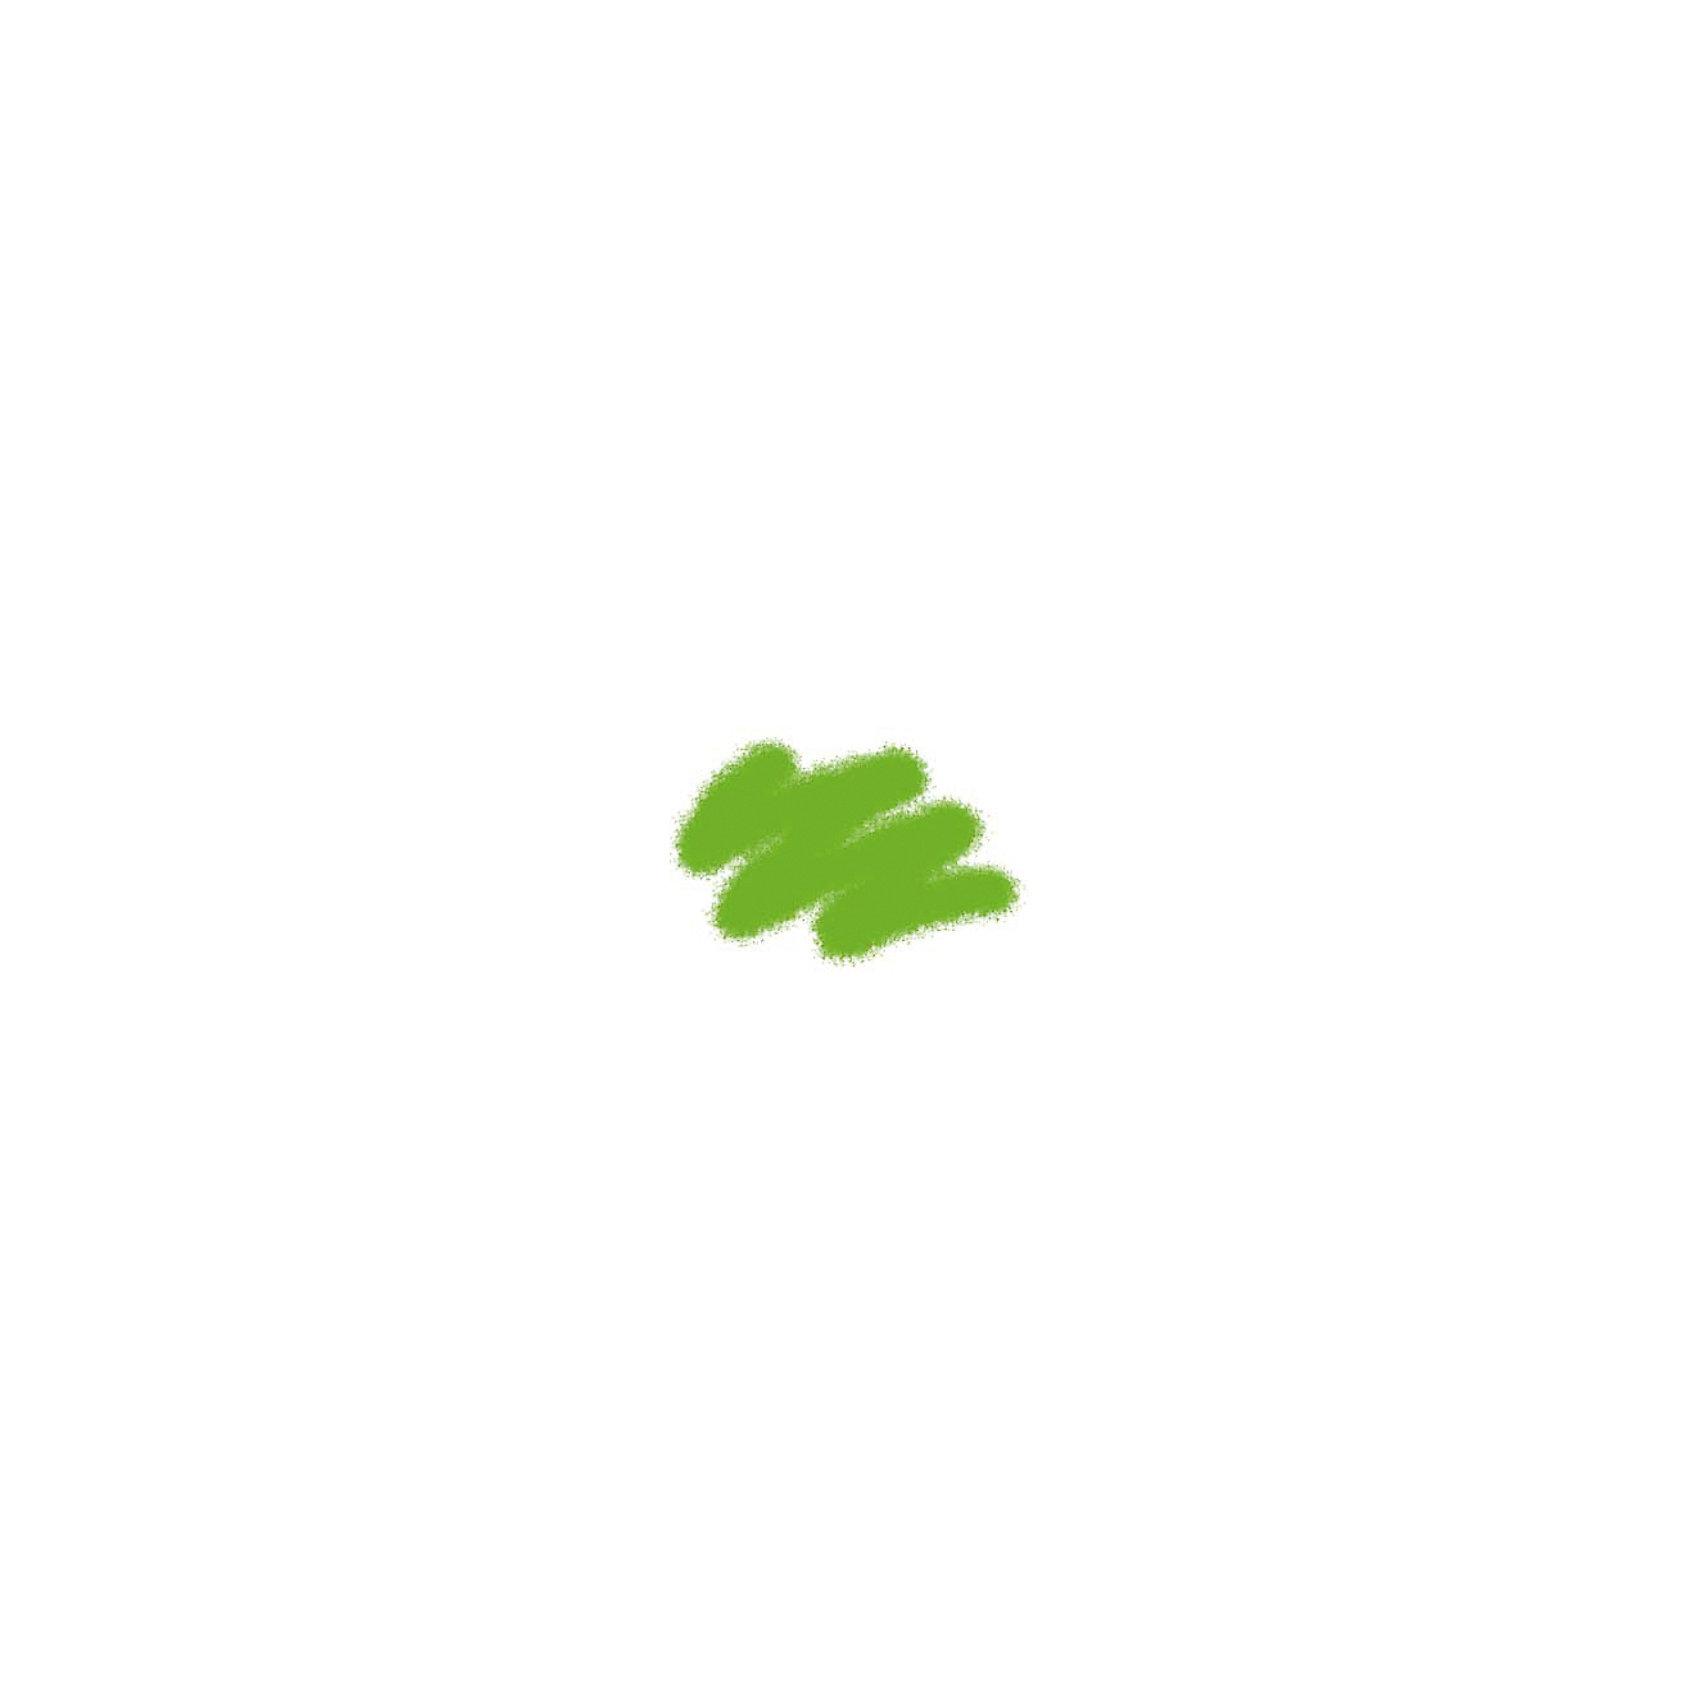 Акриловая краска для моделей Звезда, зеленая 12 млМодели для склеивания<br>Краска зеленая (шт)<br><br>Ширина мм: 18<br>Глубина мм: 18<br>Высота мм: 58<br>Вес г: 19<br>Возраст от месяцев: 72<br>Возраст до месяцев: 180<br>Пол: Мужской<br>Возраст: Детский<br>SKU: 7086635